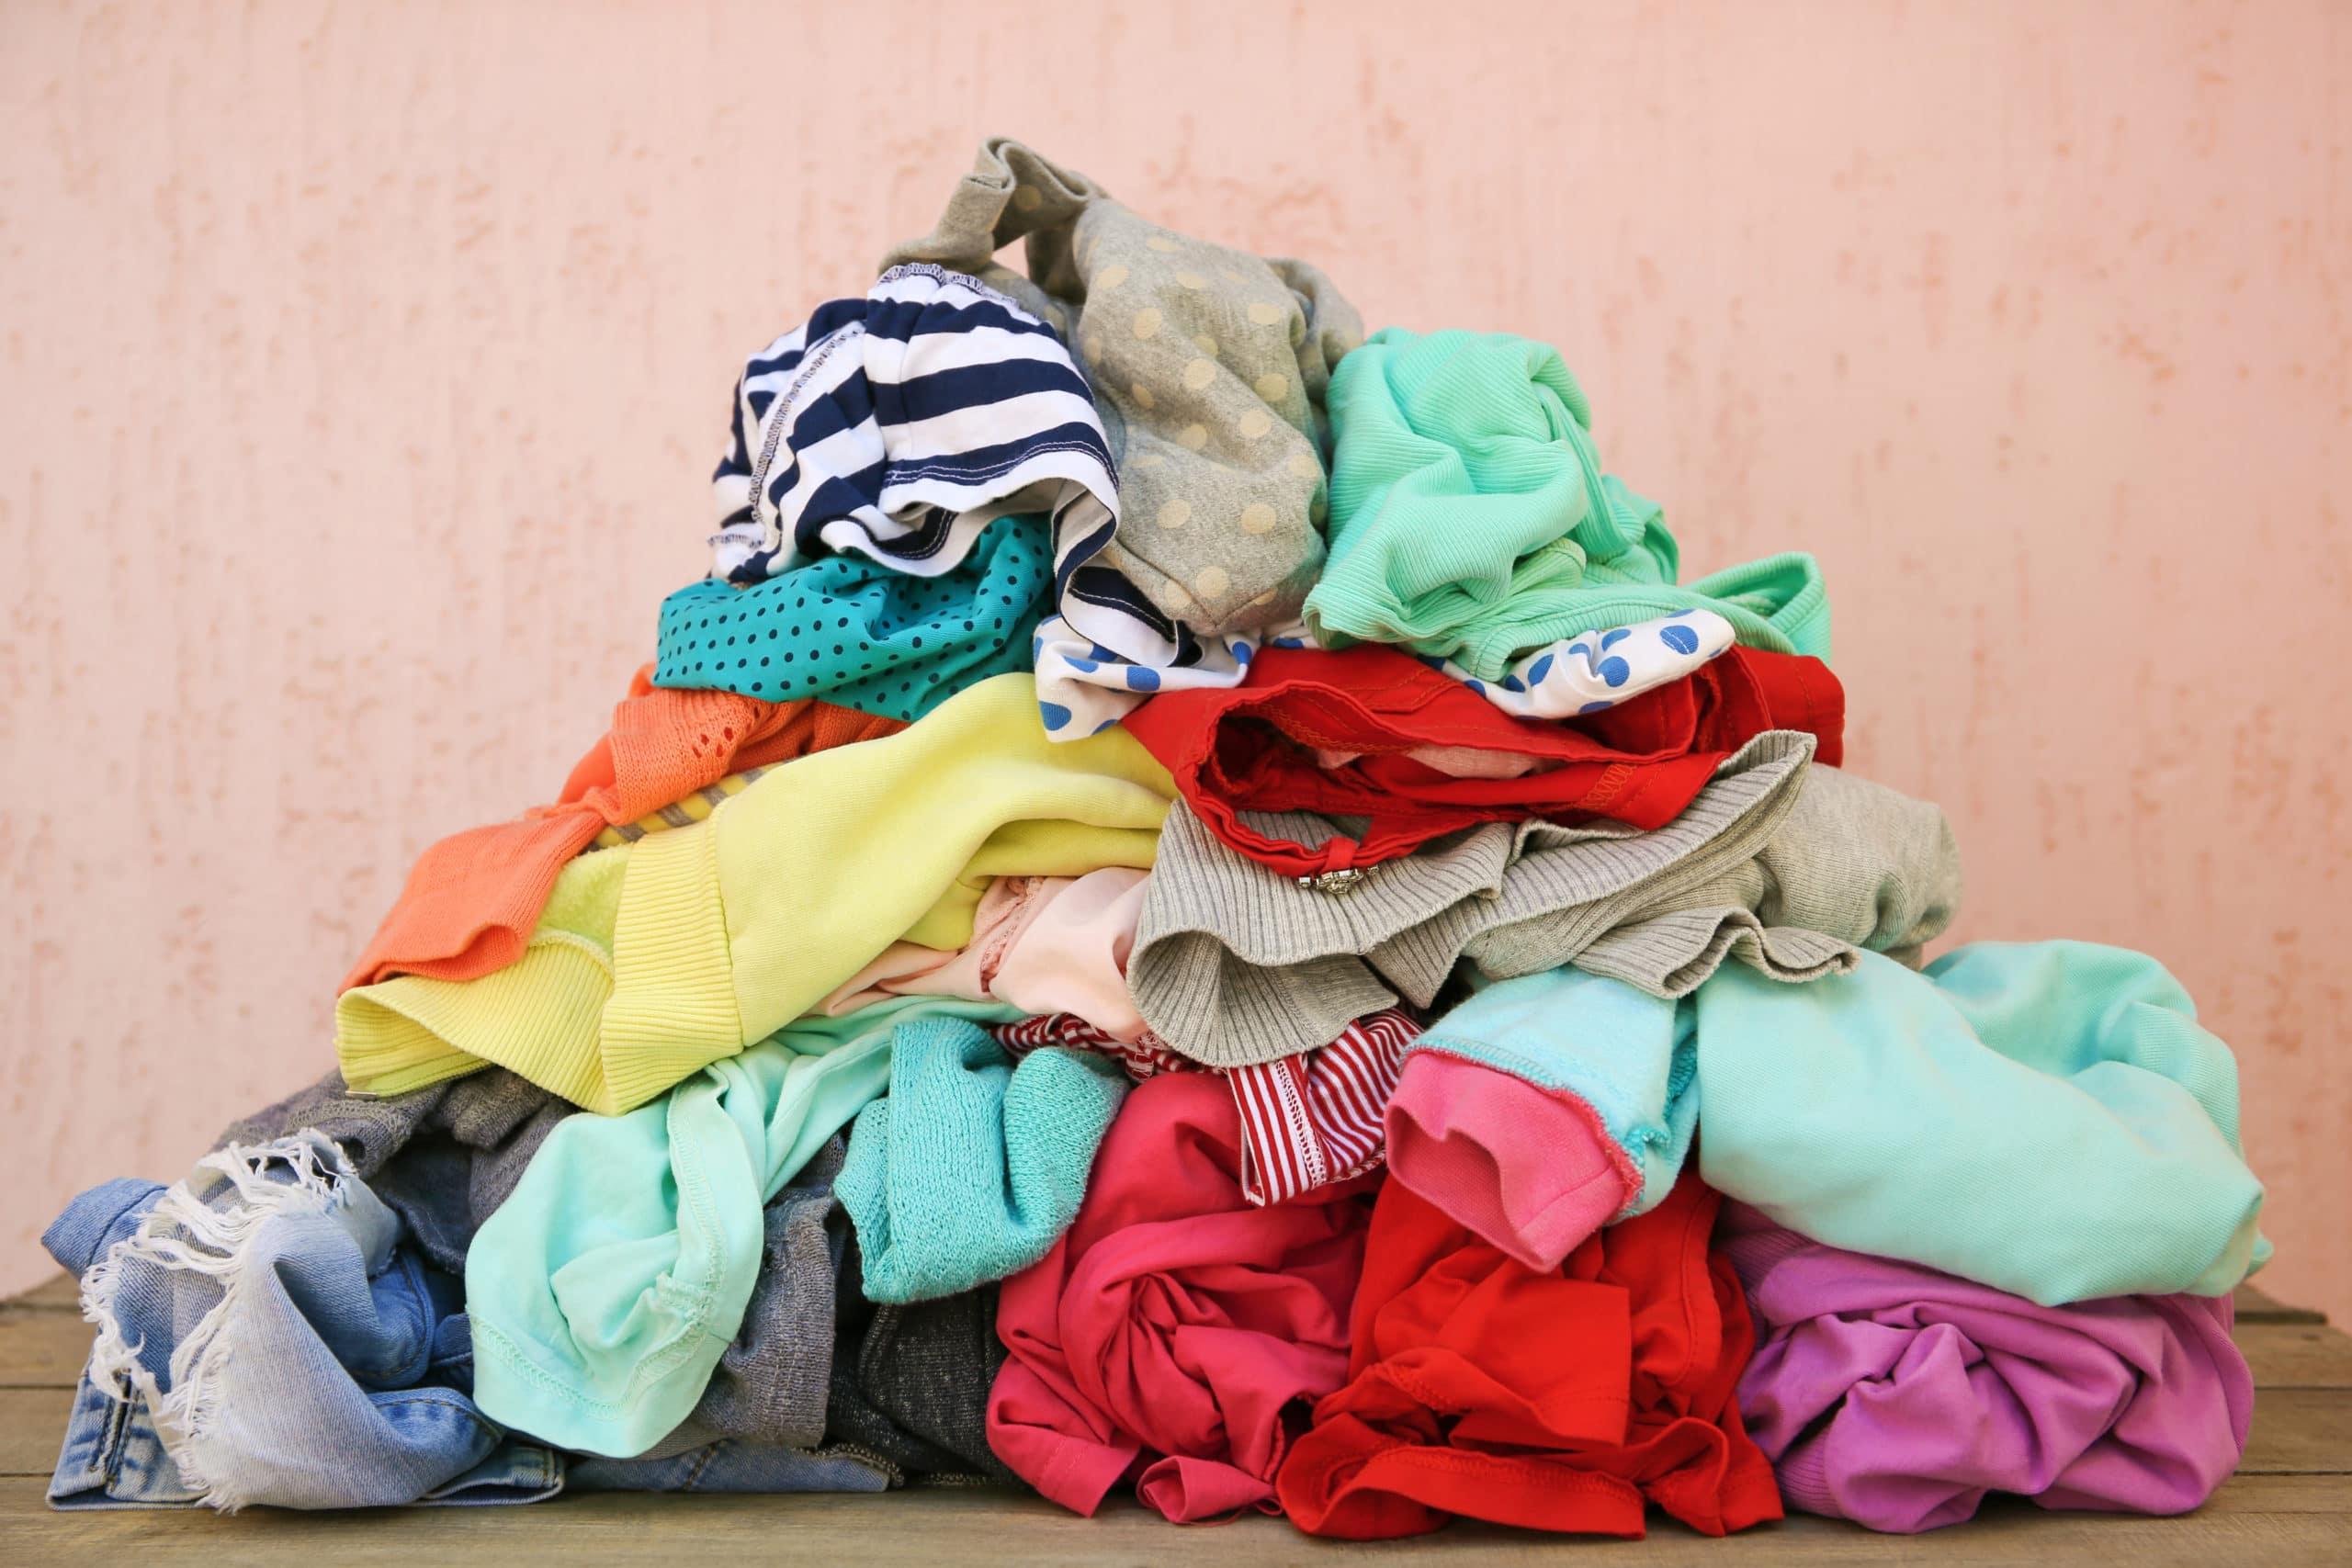 Ein Haufen achtlos verstreuter Kleidung.